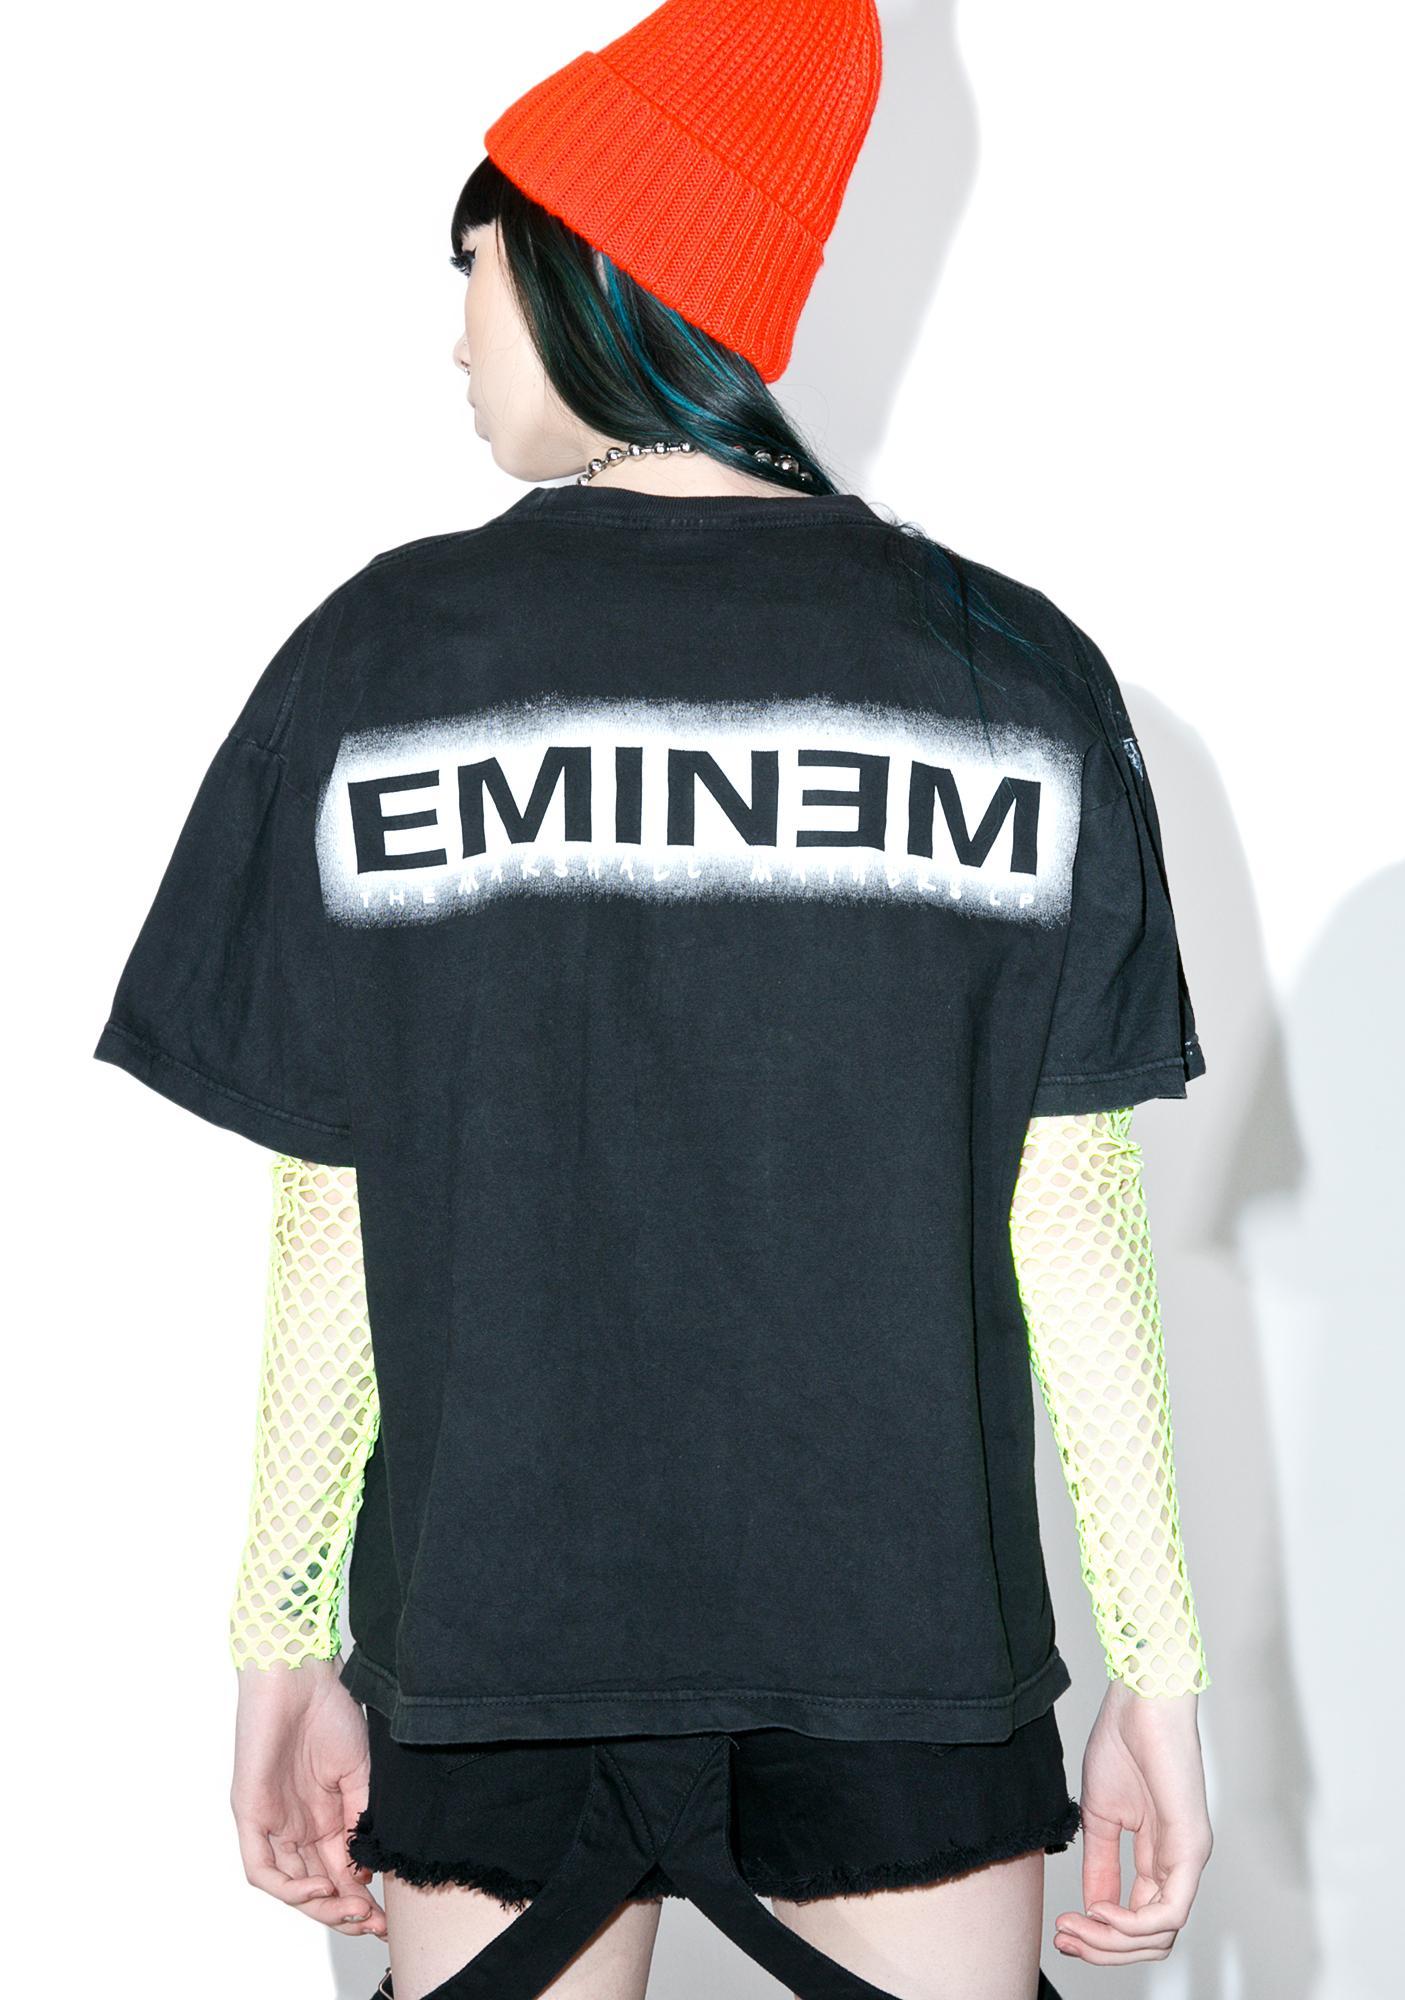 Vintage 90s Eminem Tee